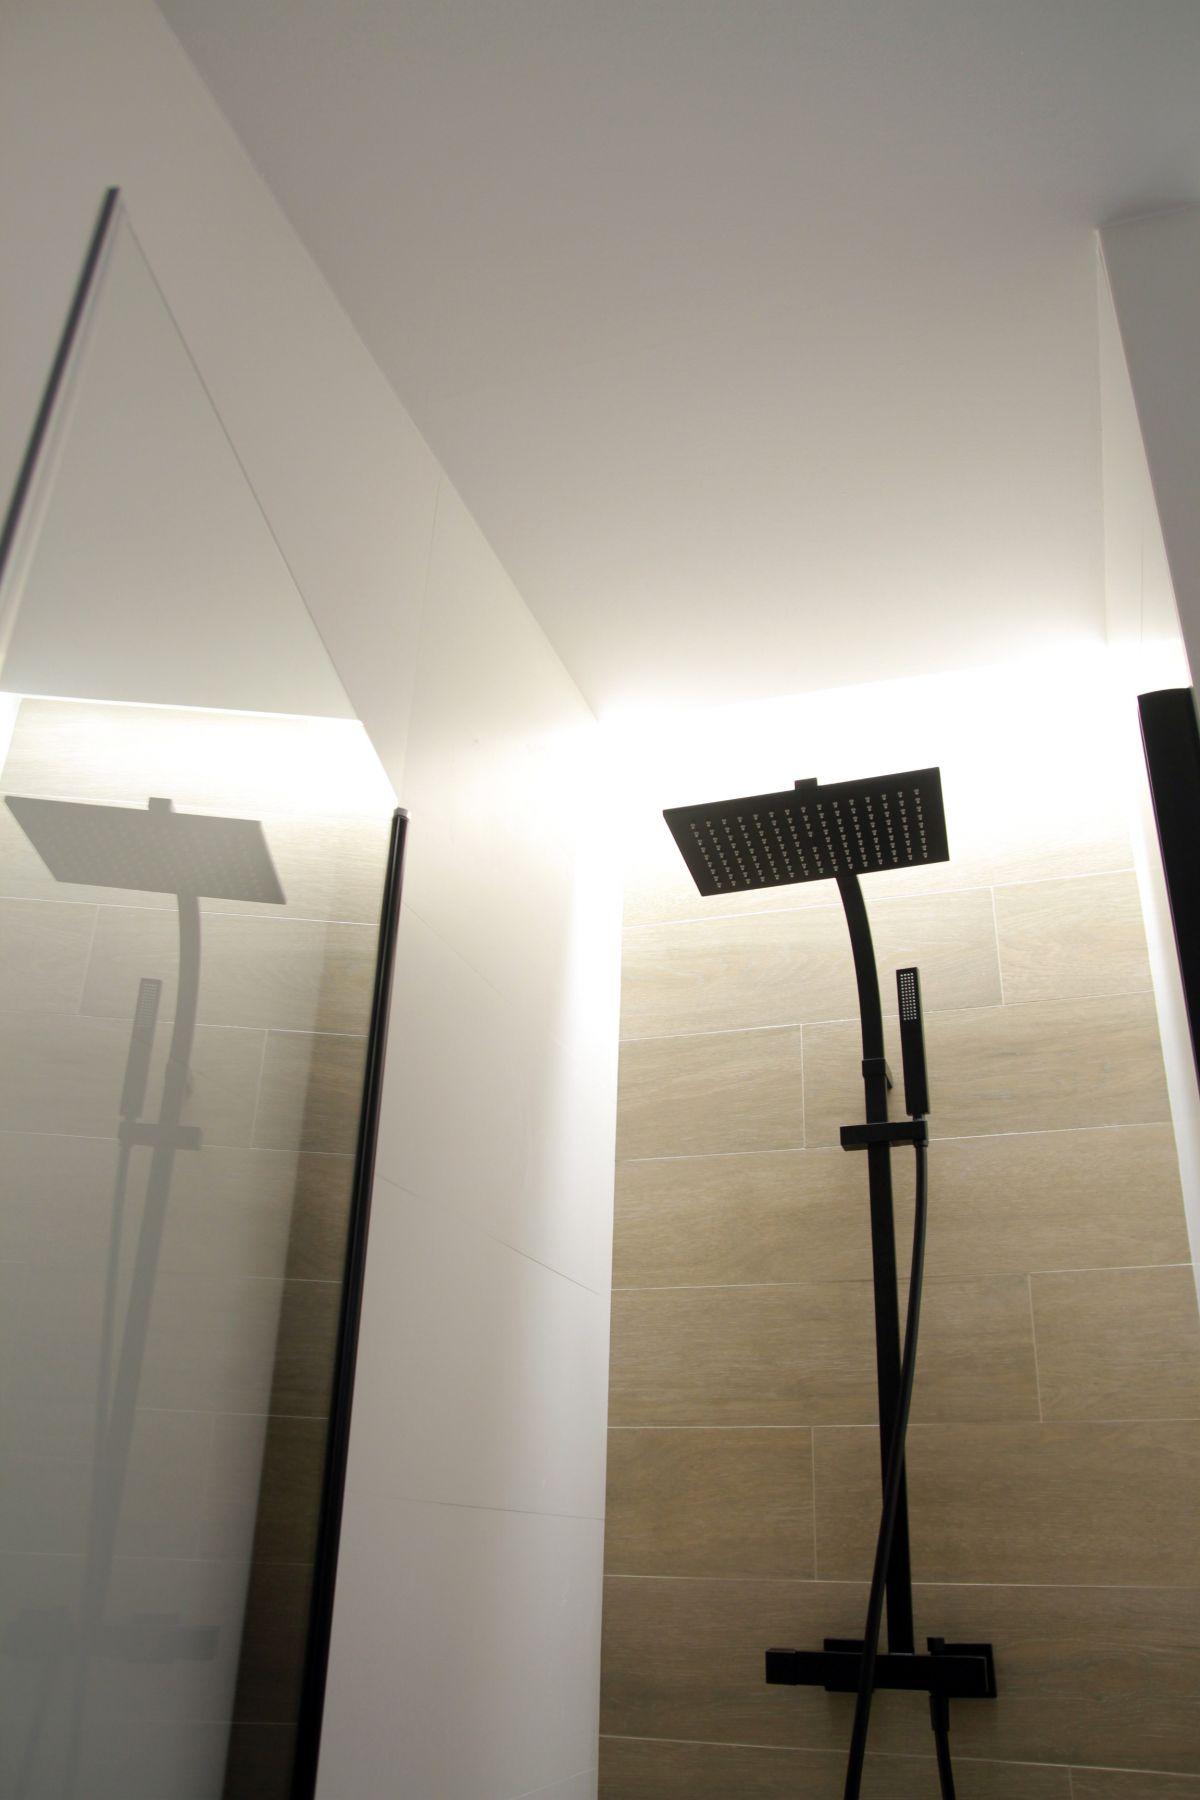 interiorisme, disseny d'interiors, bany, baño, luz, espejo, mampara, tres